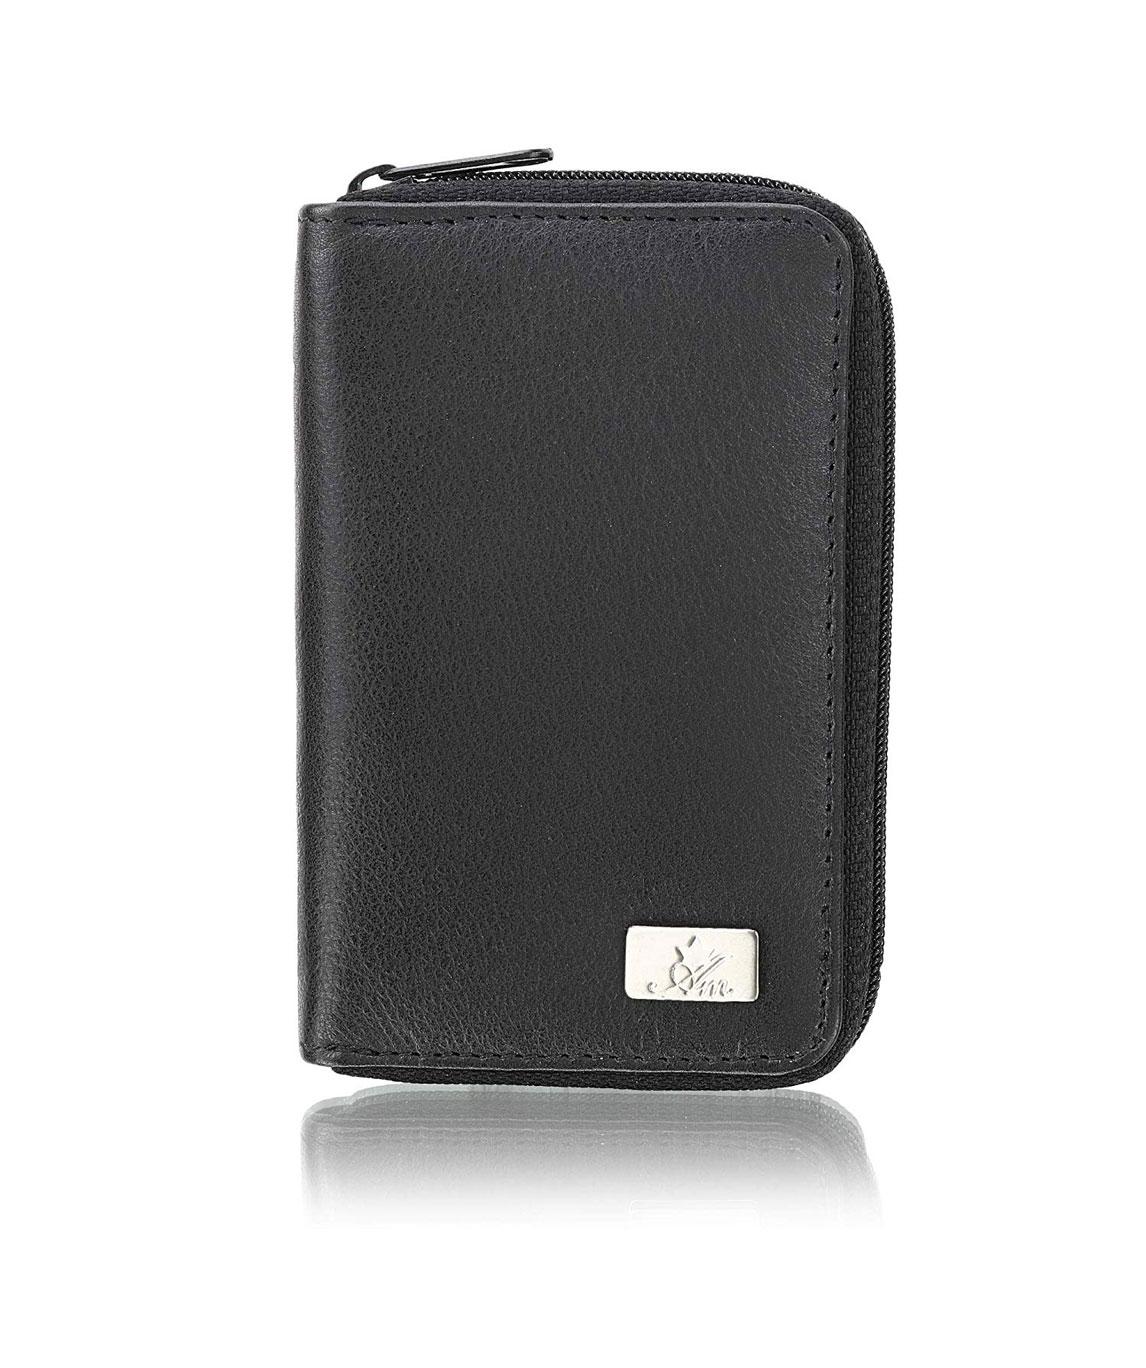 AM Leather Black Business Credit and Debit Card Case Holder (Black)